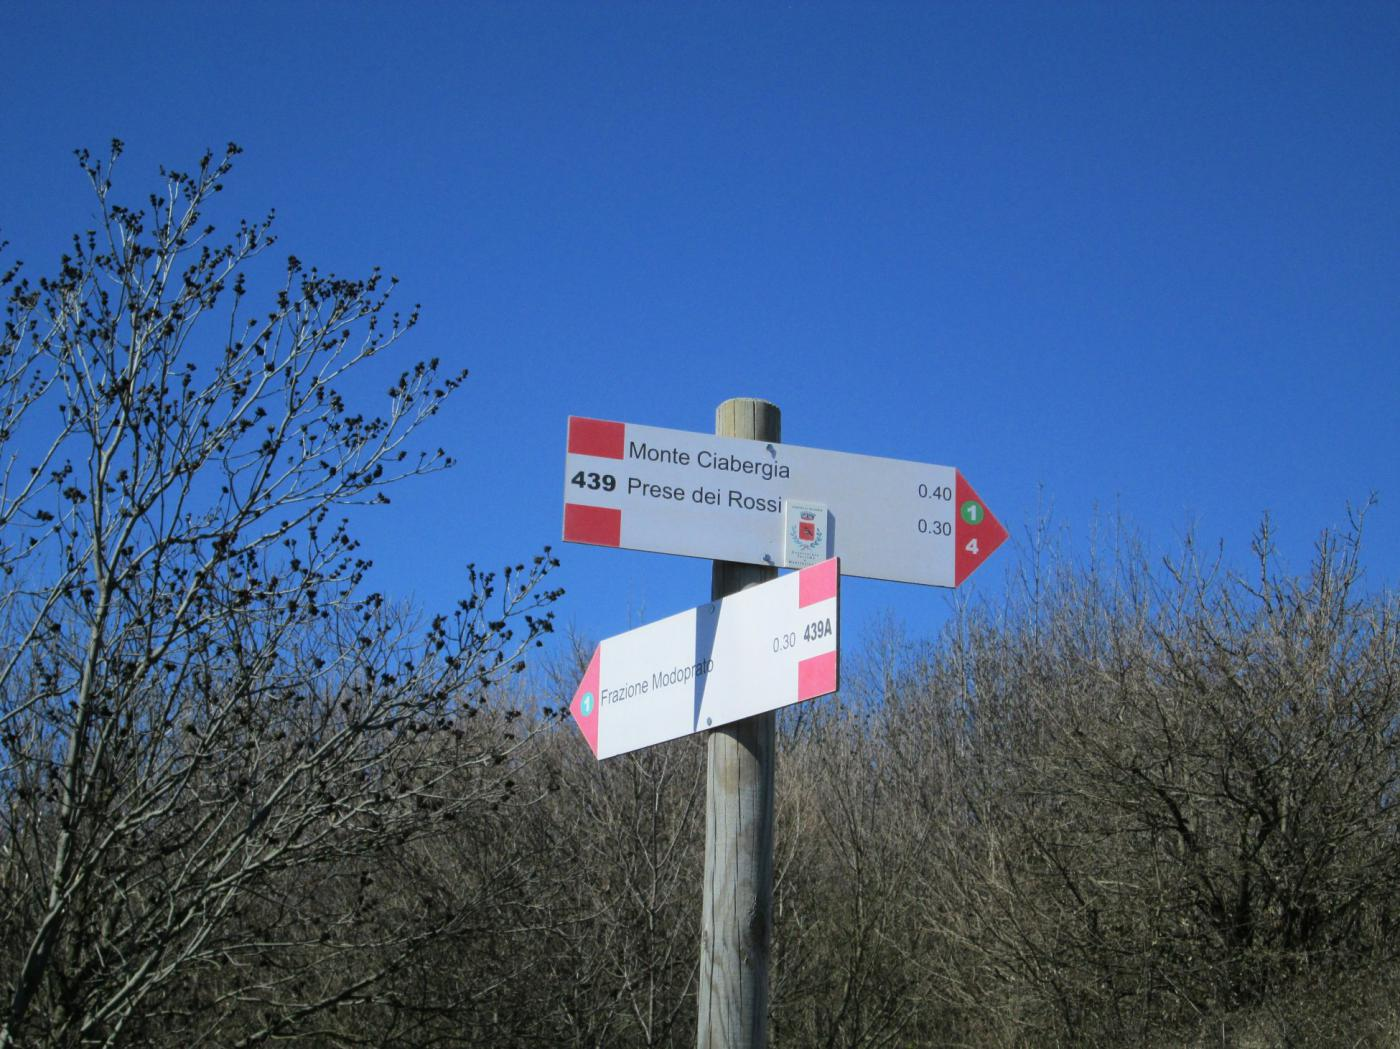 cartello per Monte Ciabergia